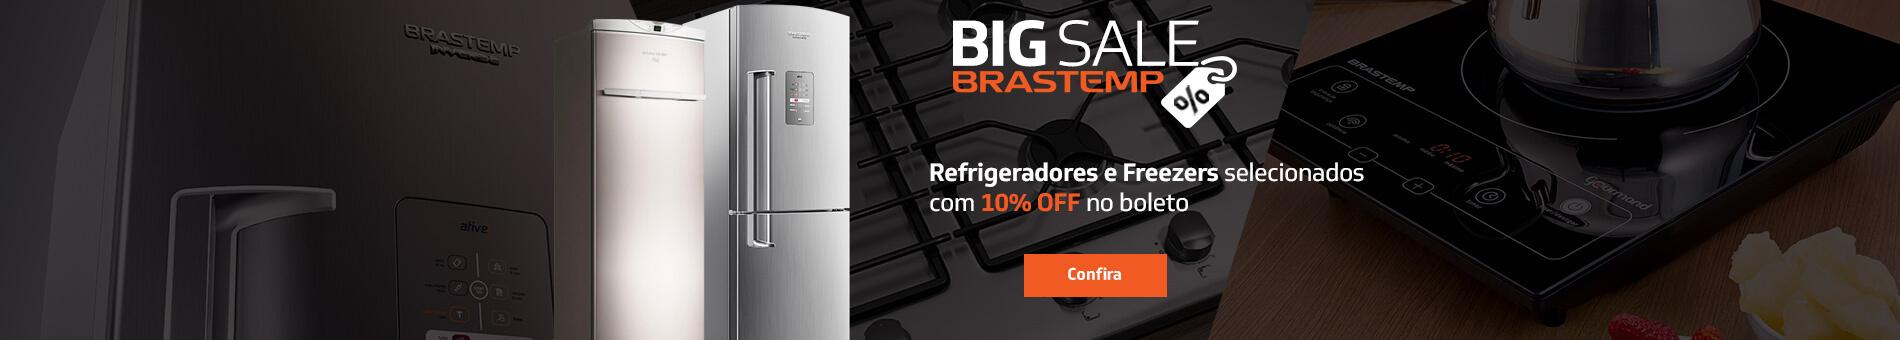 Promoção Interna - 1001 - bigsale_refrigeradores_home2_19102016 - refrigeradores - 2